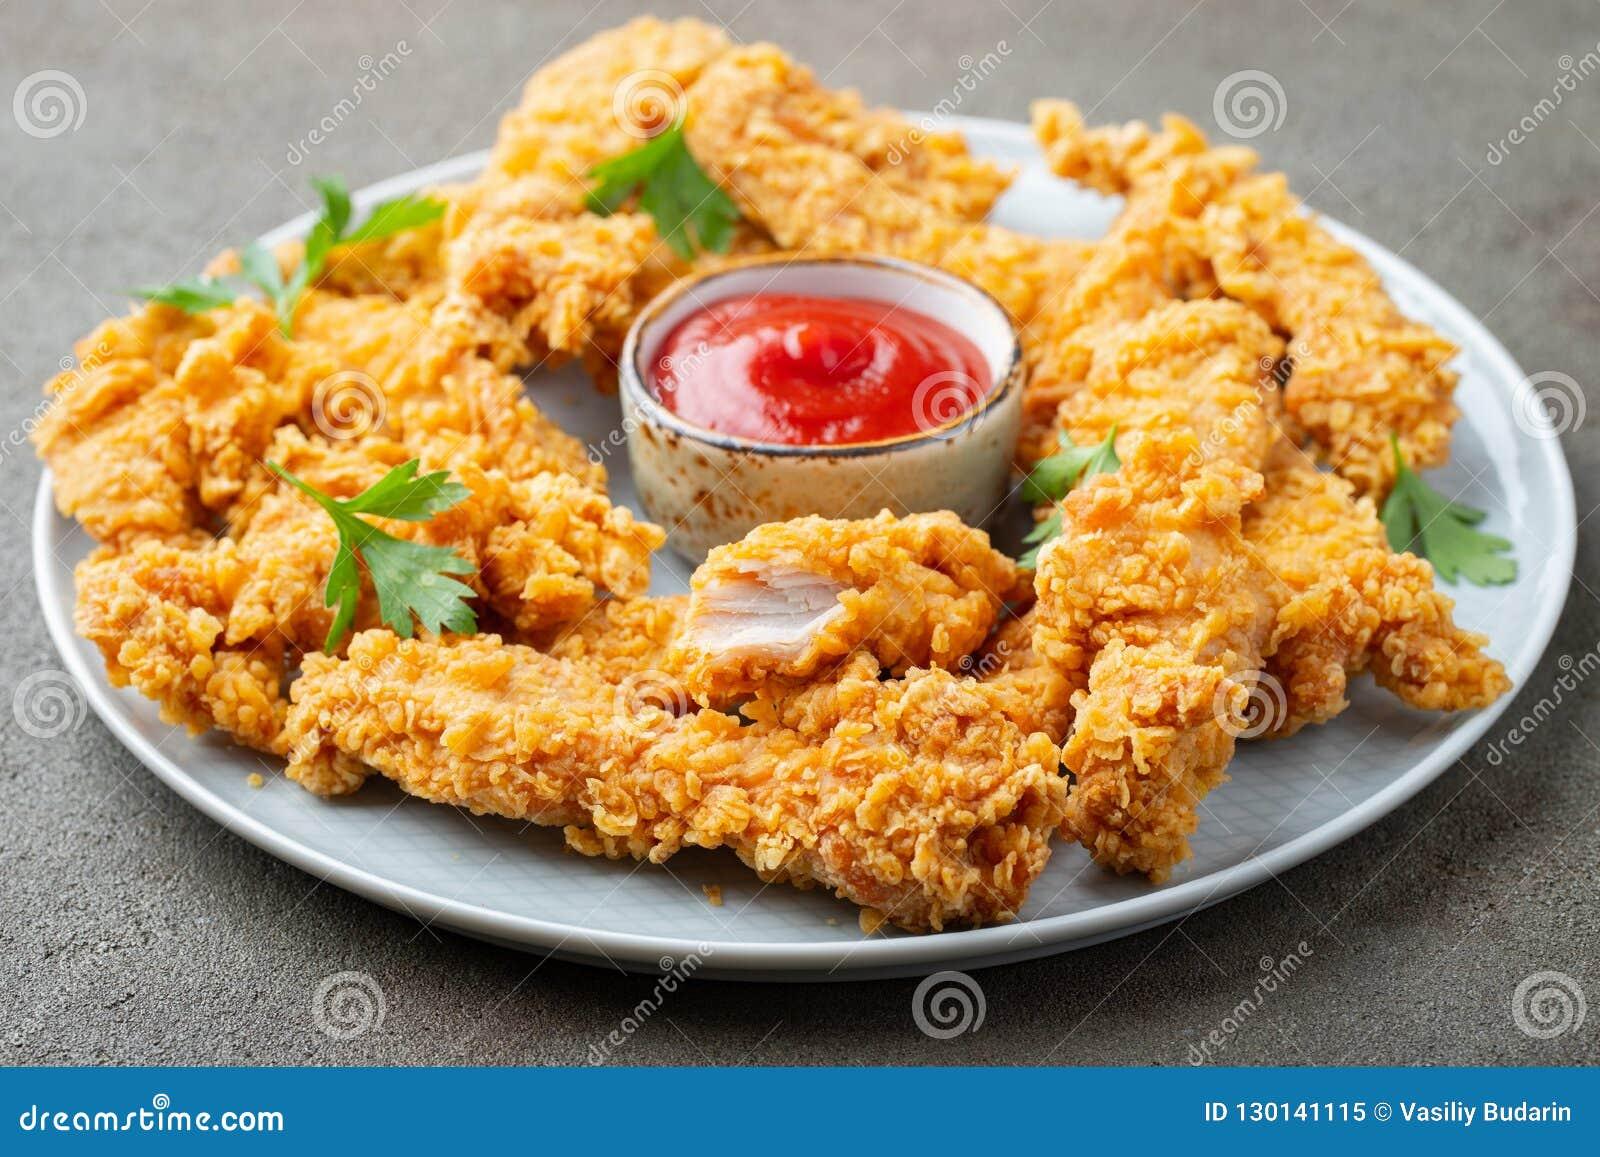 Tiras empanadas del pollo con la salsa de tomate de tomate en una placa blanca Alimentos de preparación rápida en fondo marrón os